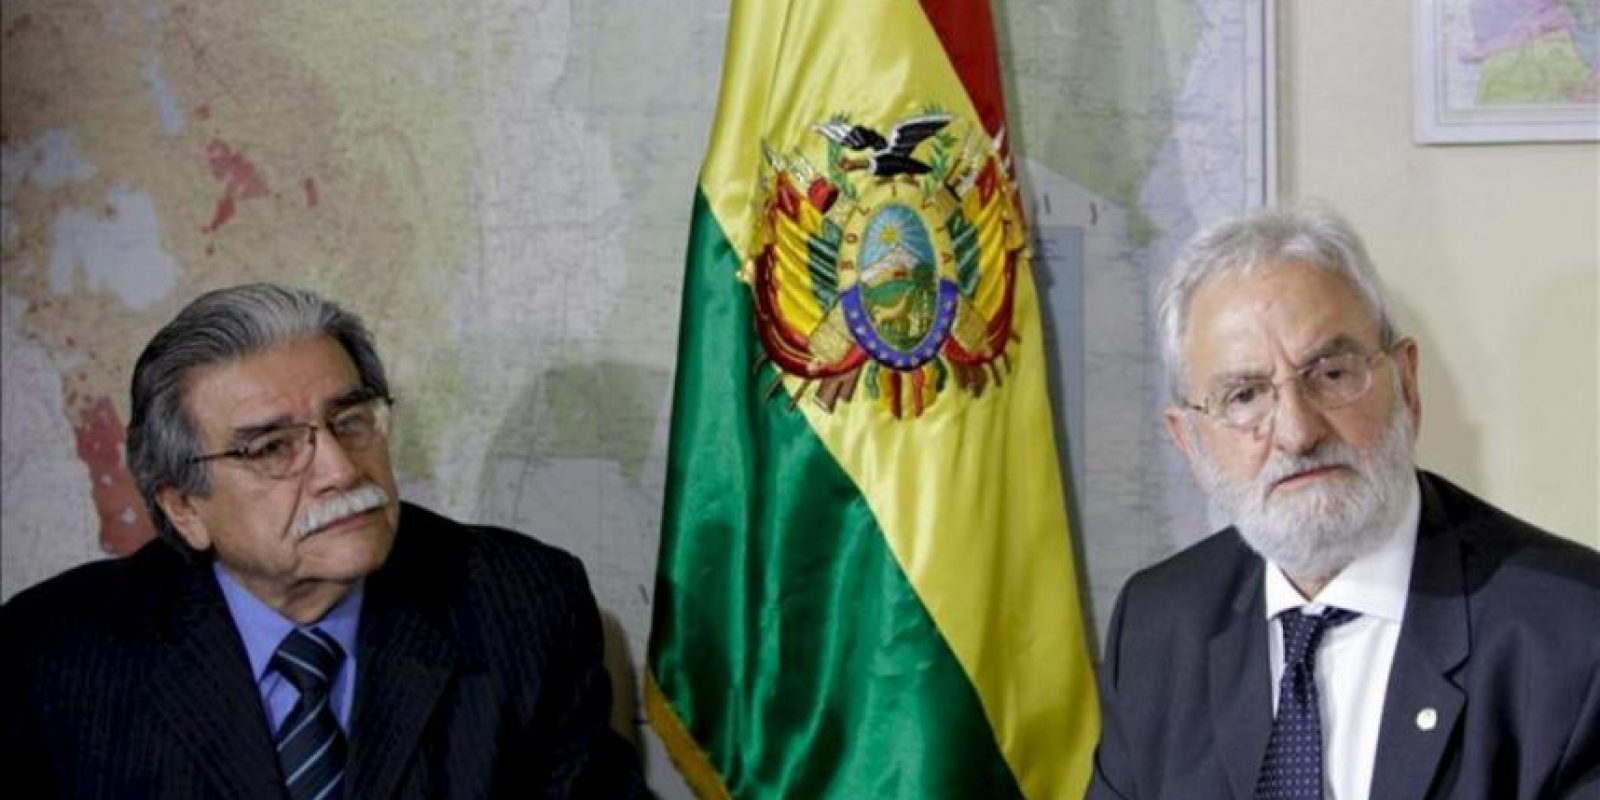 El embajador boliviano en Brasil Jerjes Justiniano (i) recibe al diputado del Partido Socialismo y Libertad (PSOL) Iván Valente (d) en la embajada de Bolivia en Brasilia (Brasil). EFE